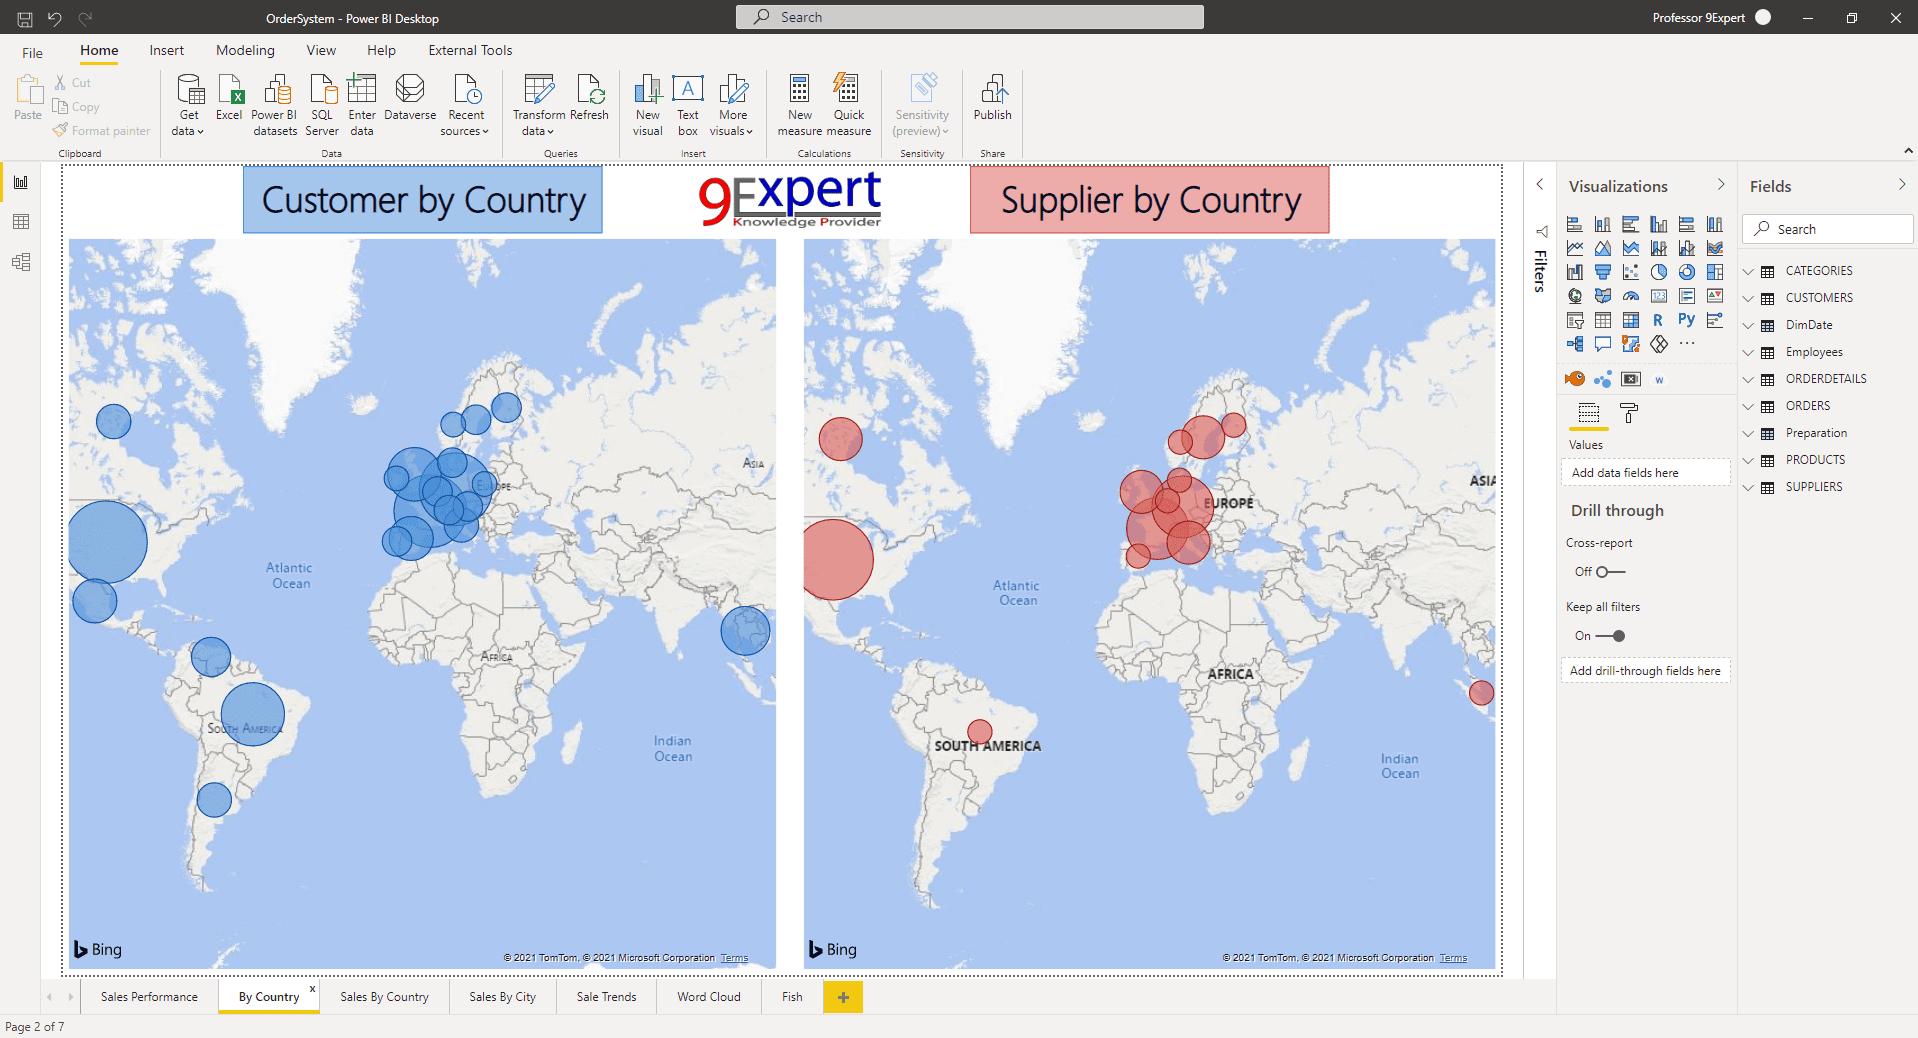 โปรแกรม Power BI Desktop ที่จะแสดงแผนที่โดยใช้ Map